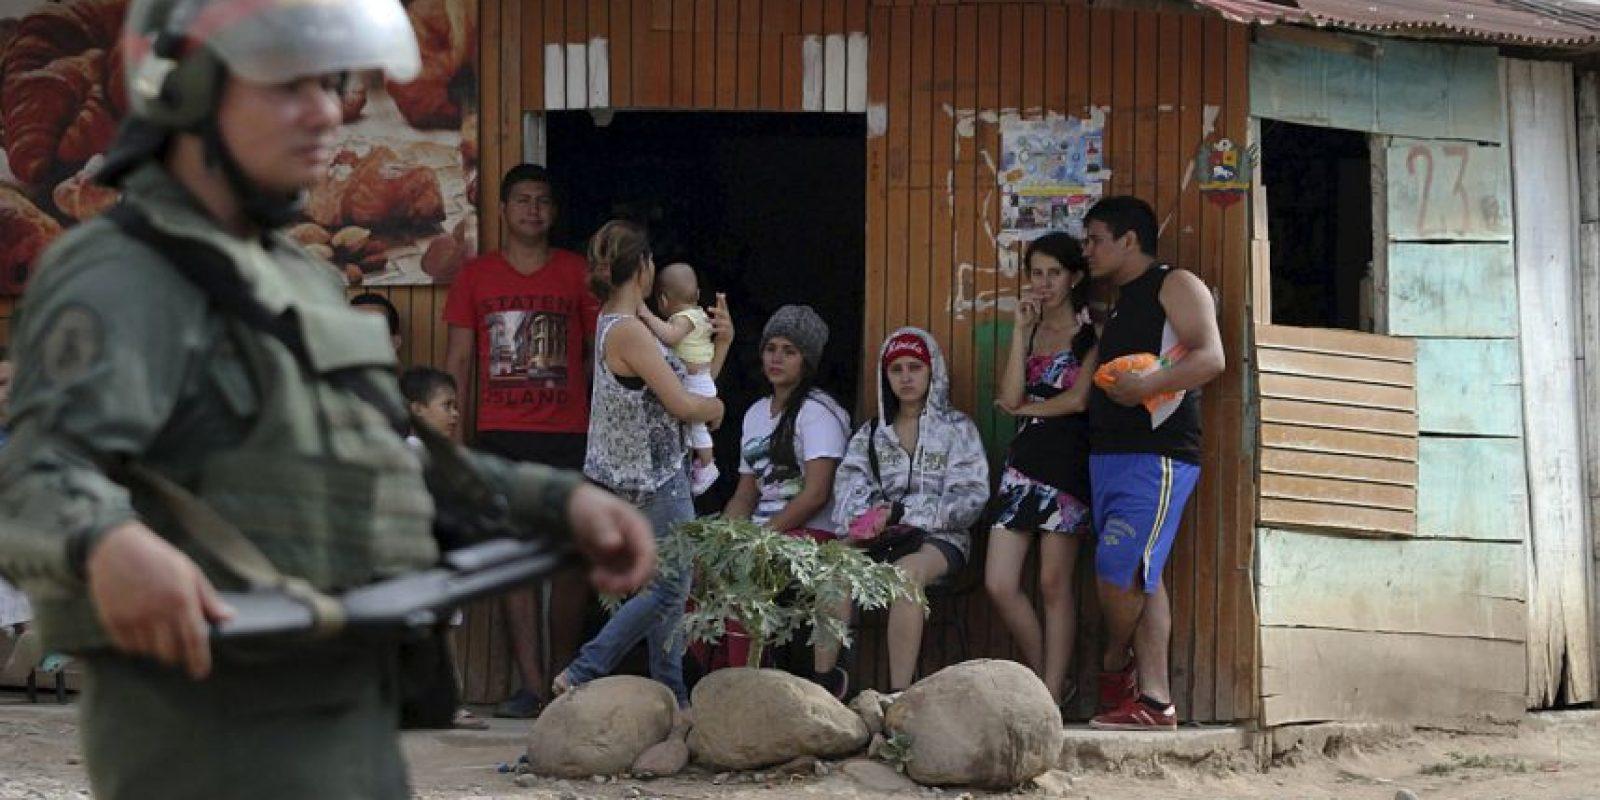 """""""Ratifico que desde Colombia se conspira contra nuestra Patria, la derecha está coordinando nuevamente que grupos asesinos vengan a nuestra Patria"""", escribió Maduro en su cuenta de Twitter el fin de semana. Foto:AFP"""